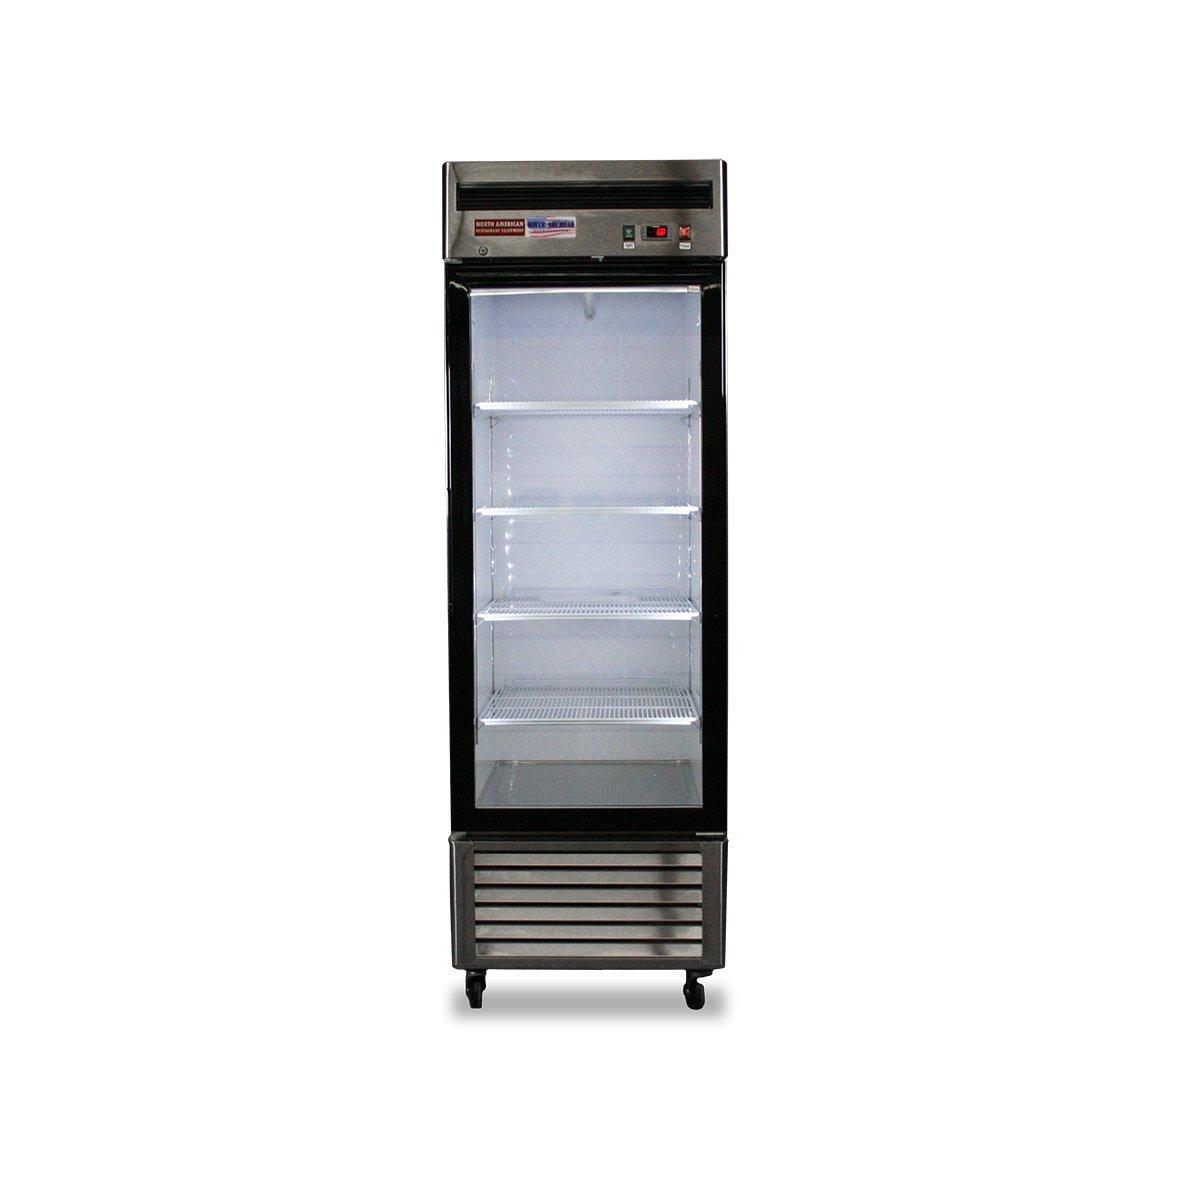 North American Restaurant Equipment 1 Door Glass FREEZER Single Reach In Frozen Food Display